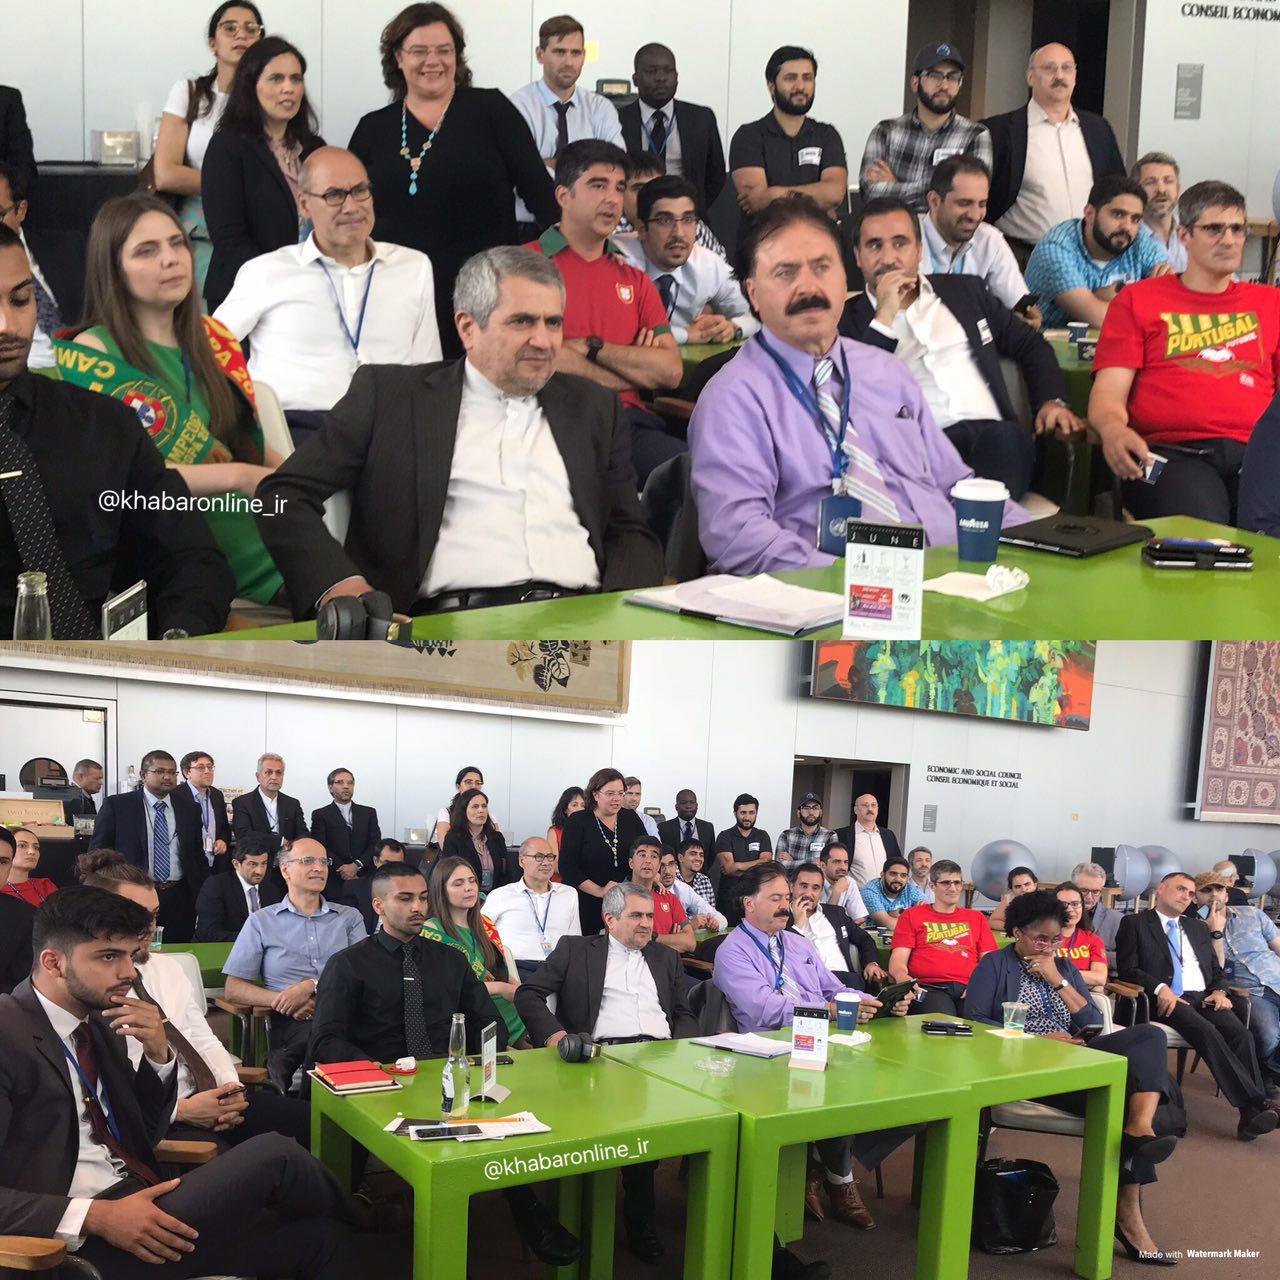 سفرای ایران و پرتغال در مقر سازمان ملل در حال تماشای بازی (عکس)